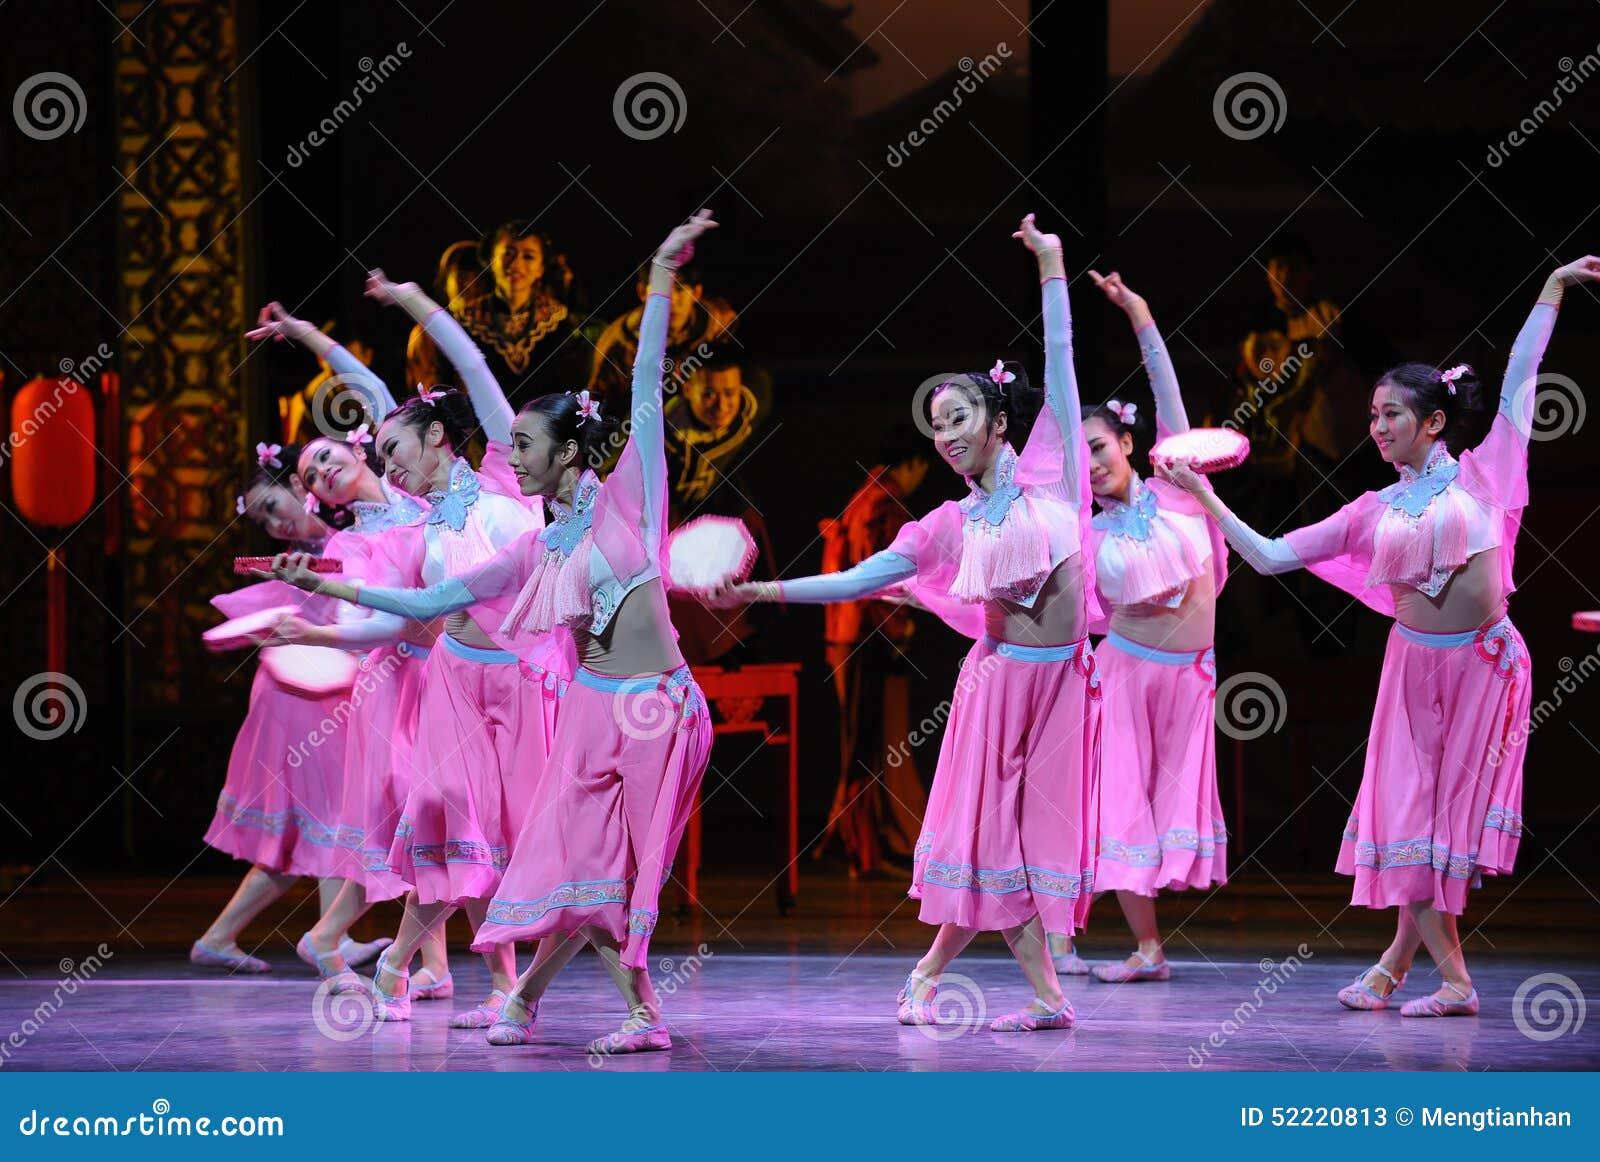 De Hu Feng da dança- do rosa da empregada doméstica- ato primeiramente de eventos do drama-Shawan da dança do passado